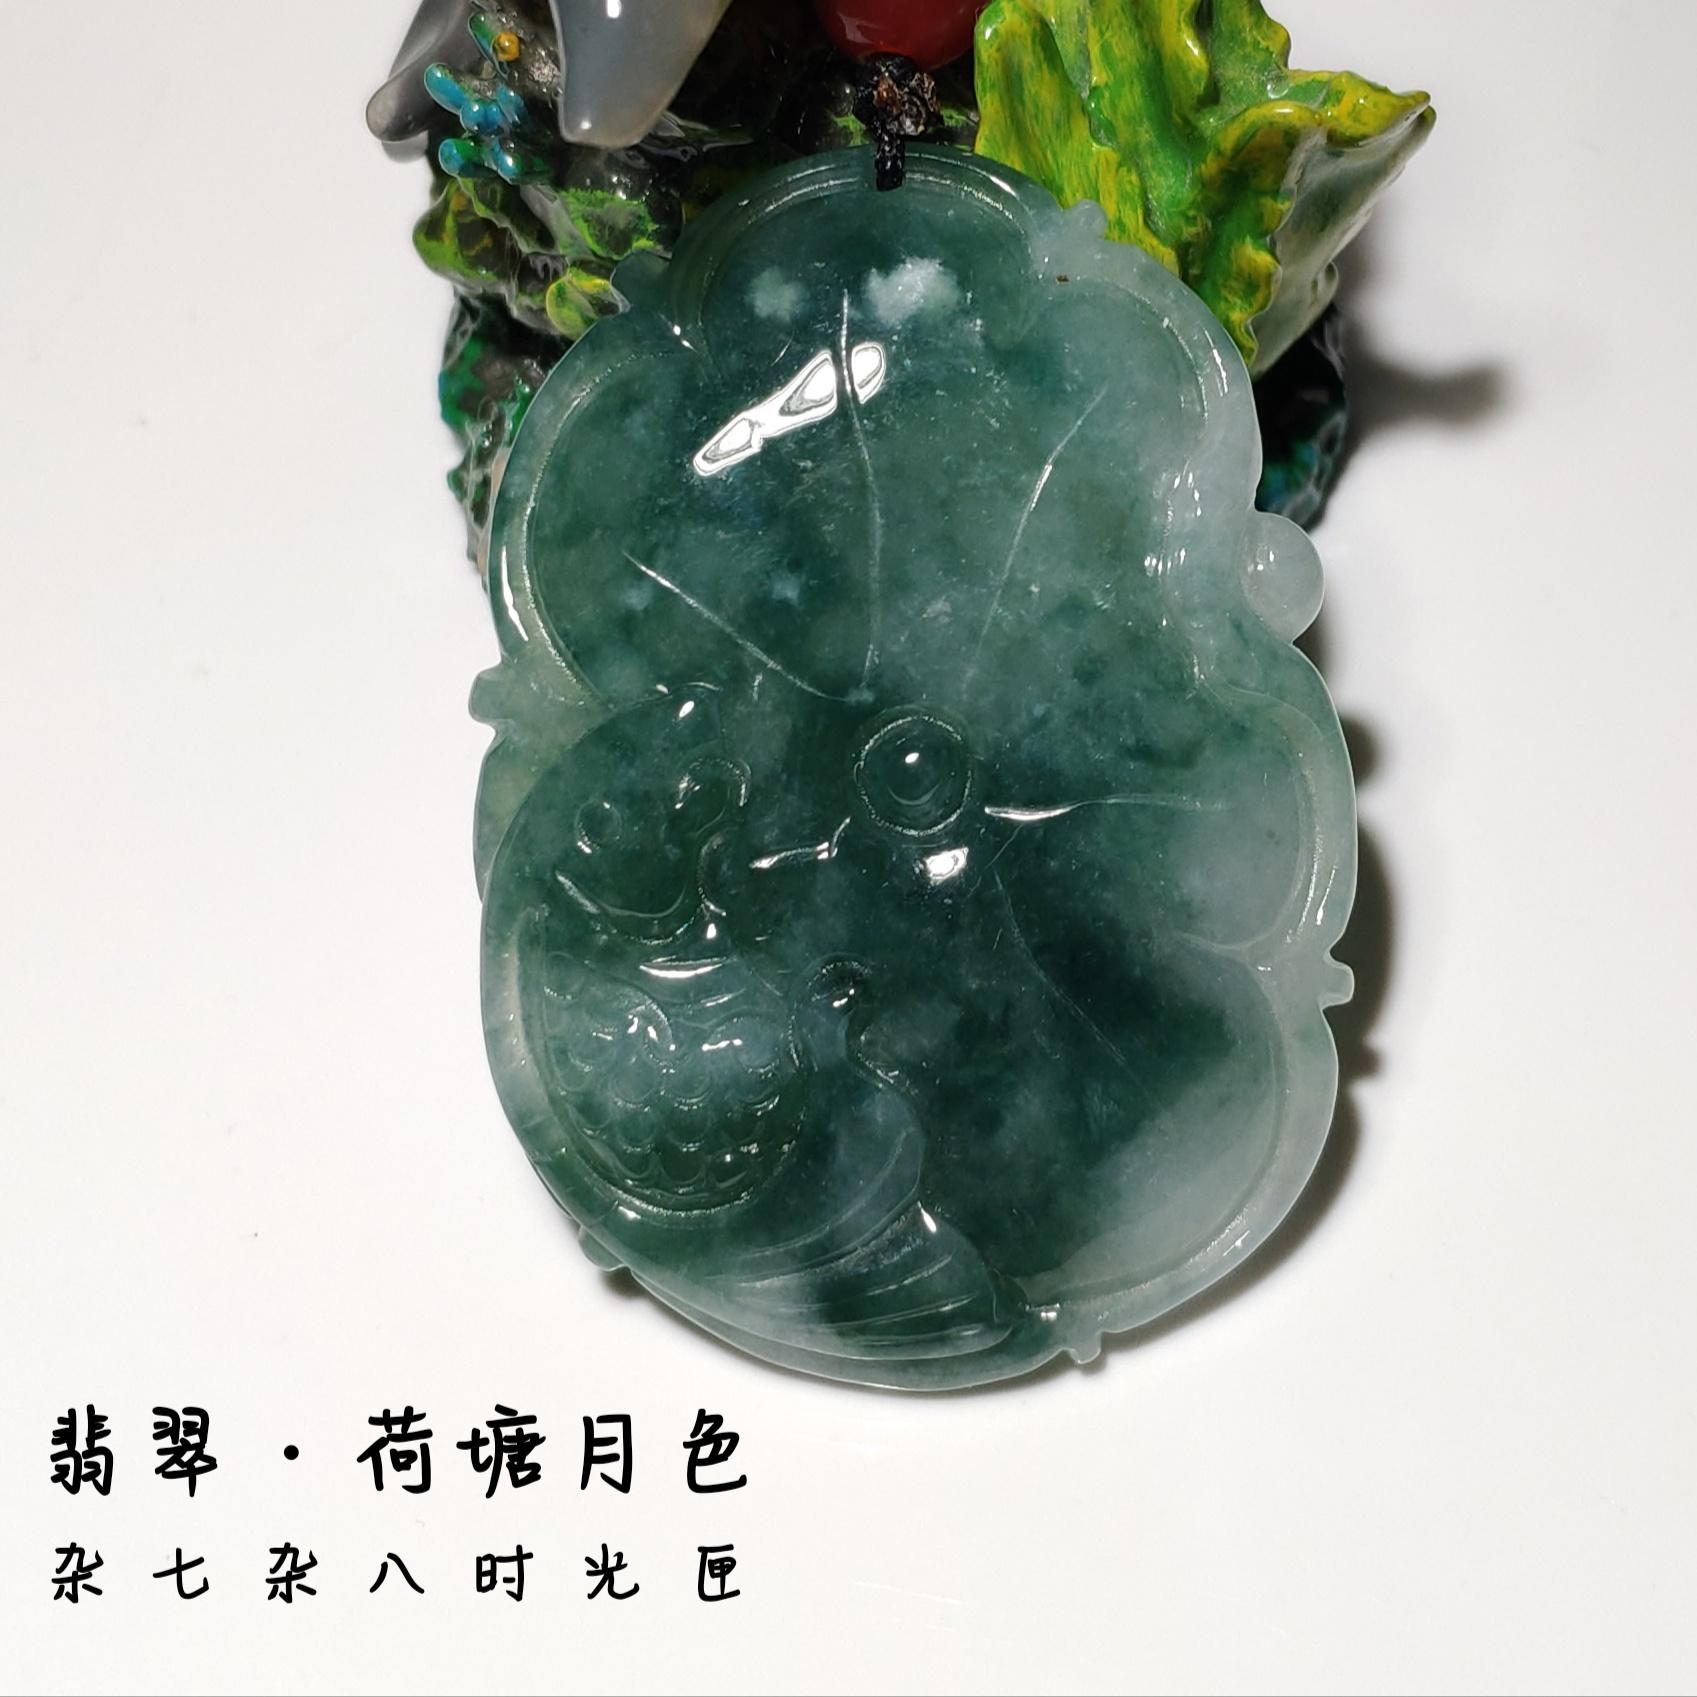 「时光匣」Jadeite―翡翠 精品飘花 荷塘月色 雕刻件 毛衣链吊坠